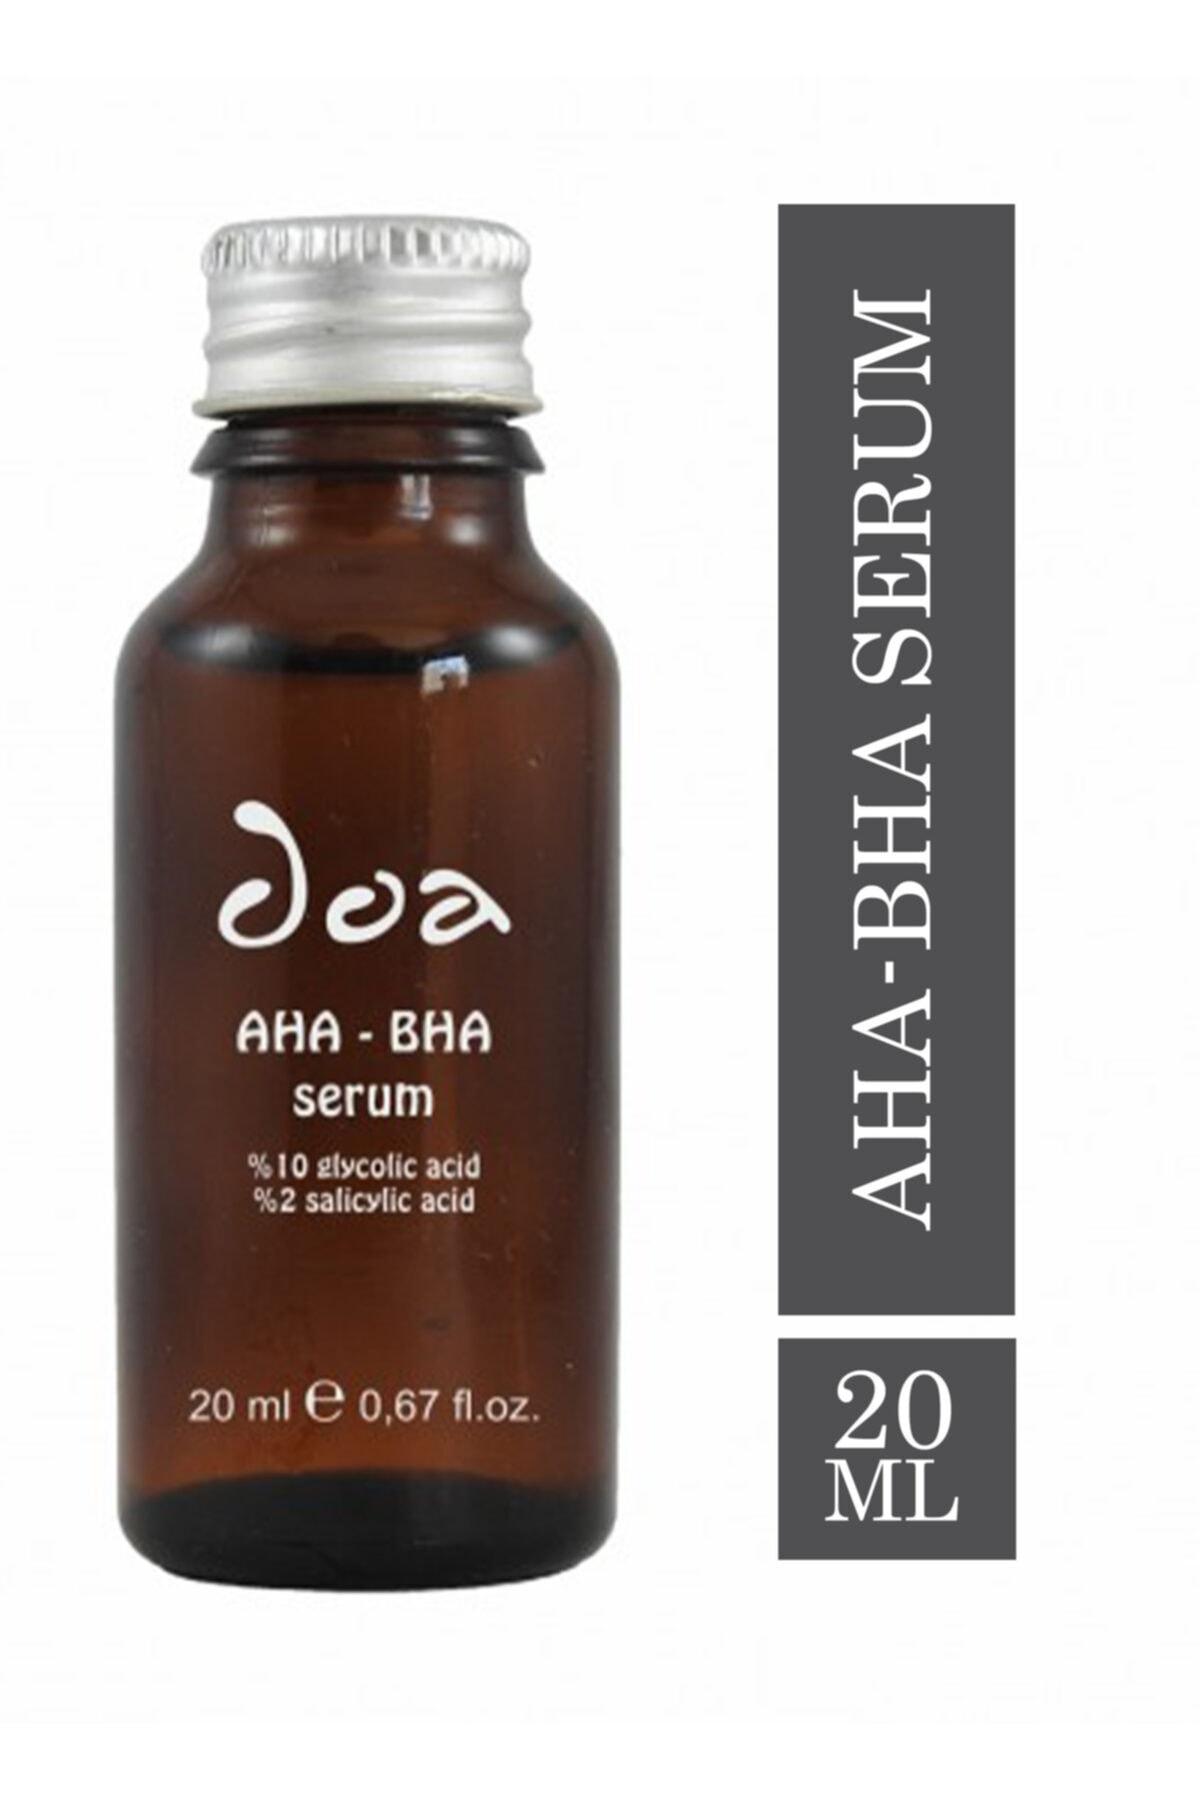 Aha Bha Serum %10 Glikolik %2 Salisilik Asit %10 Glycolic %2 Salicylic